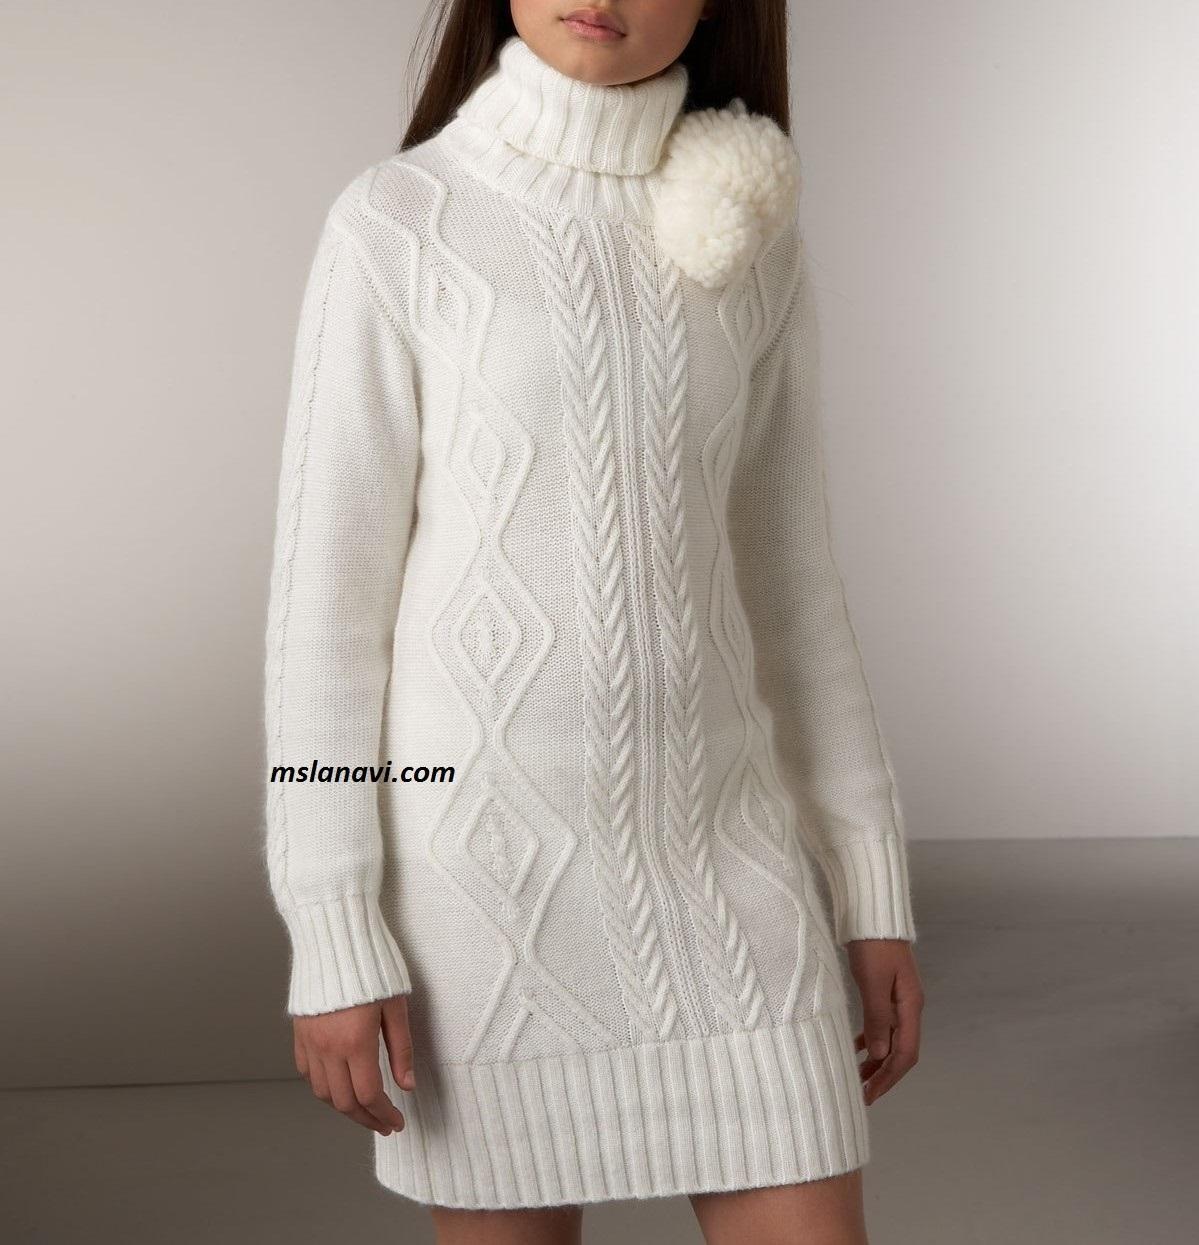 Цветное платье-пуловер спицами